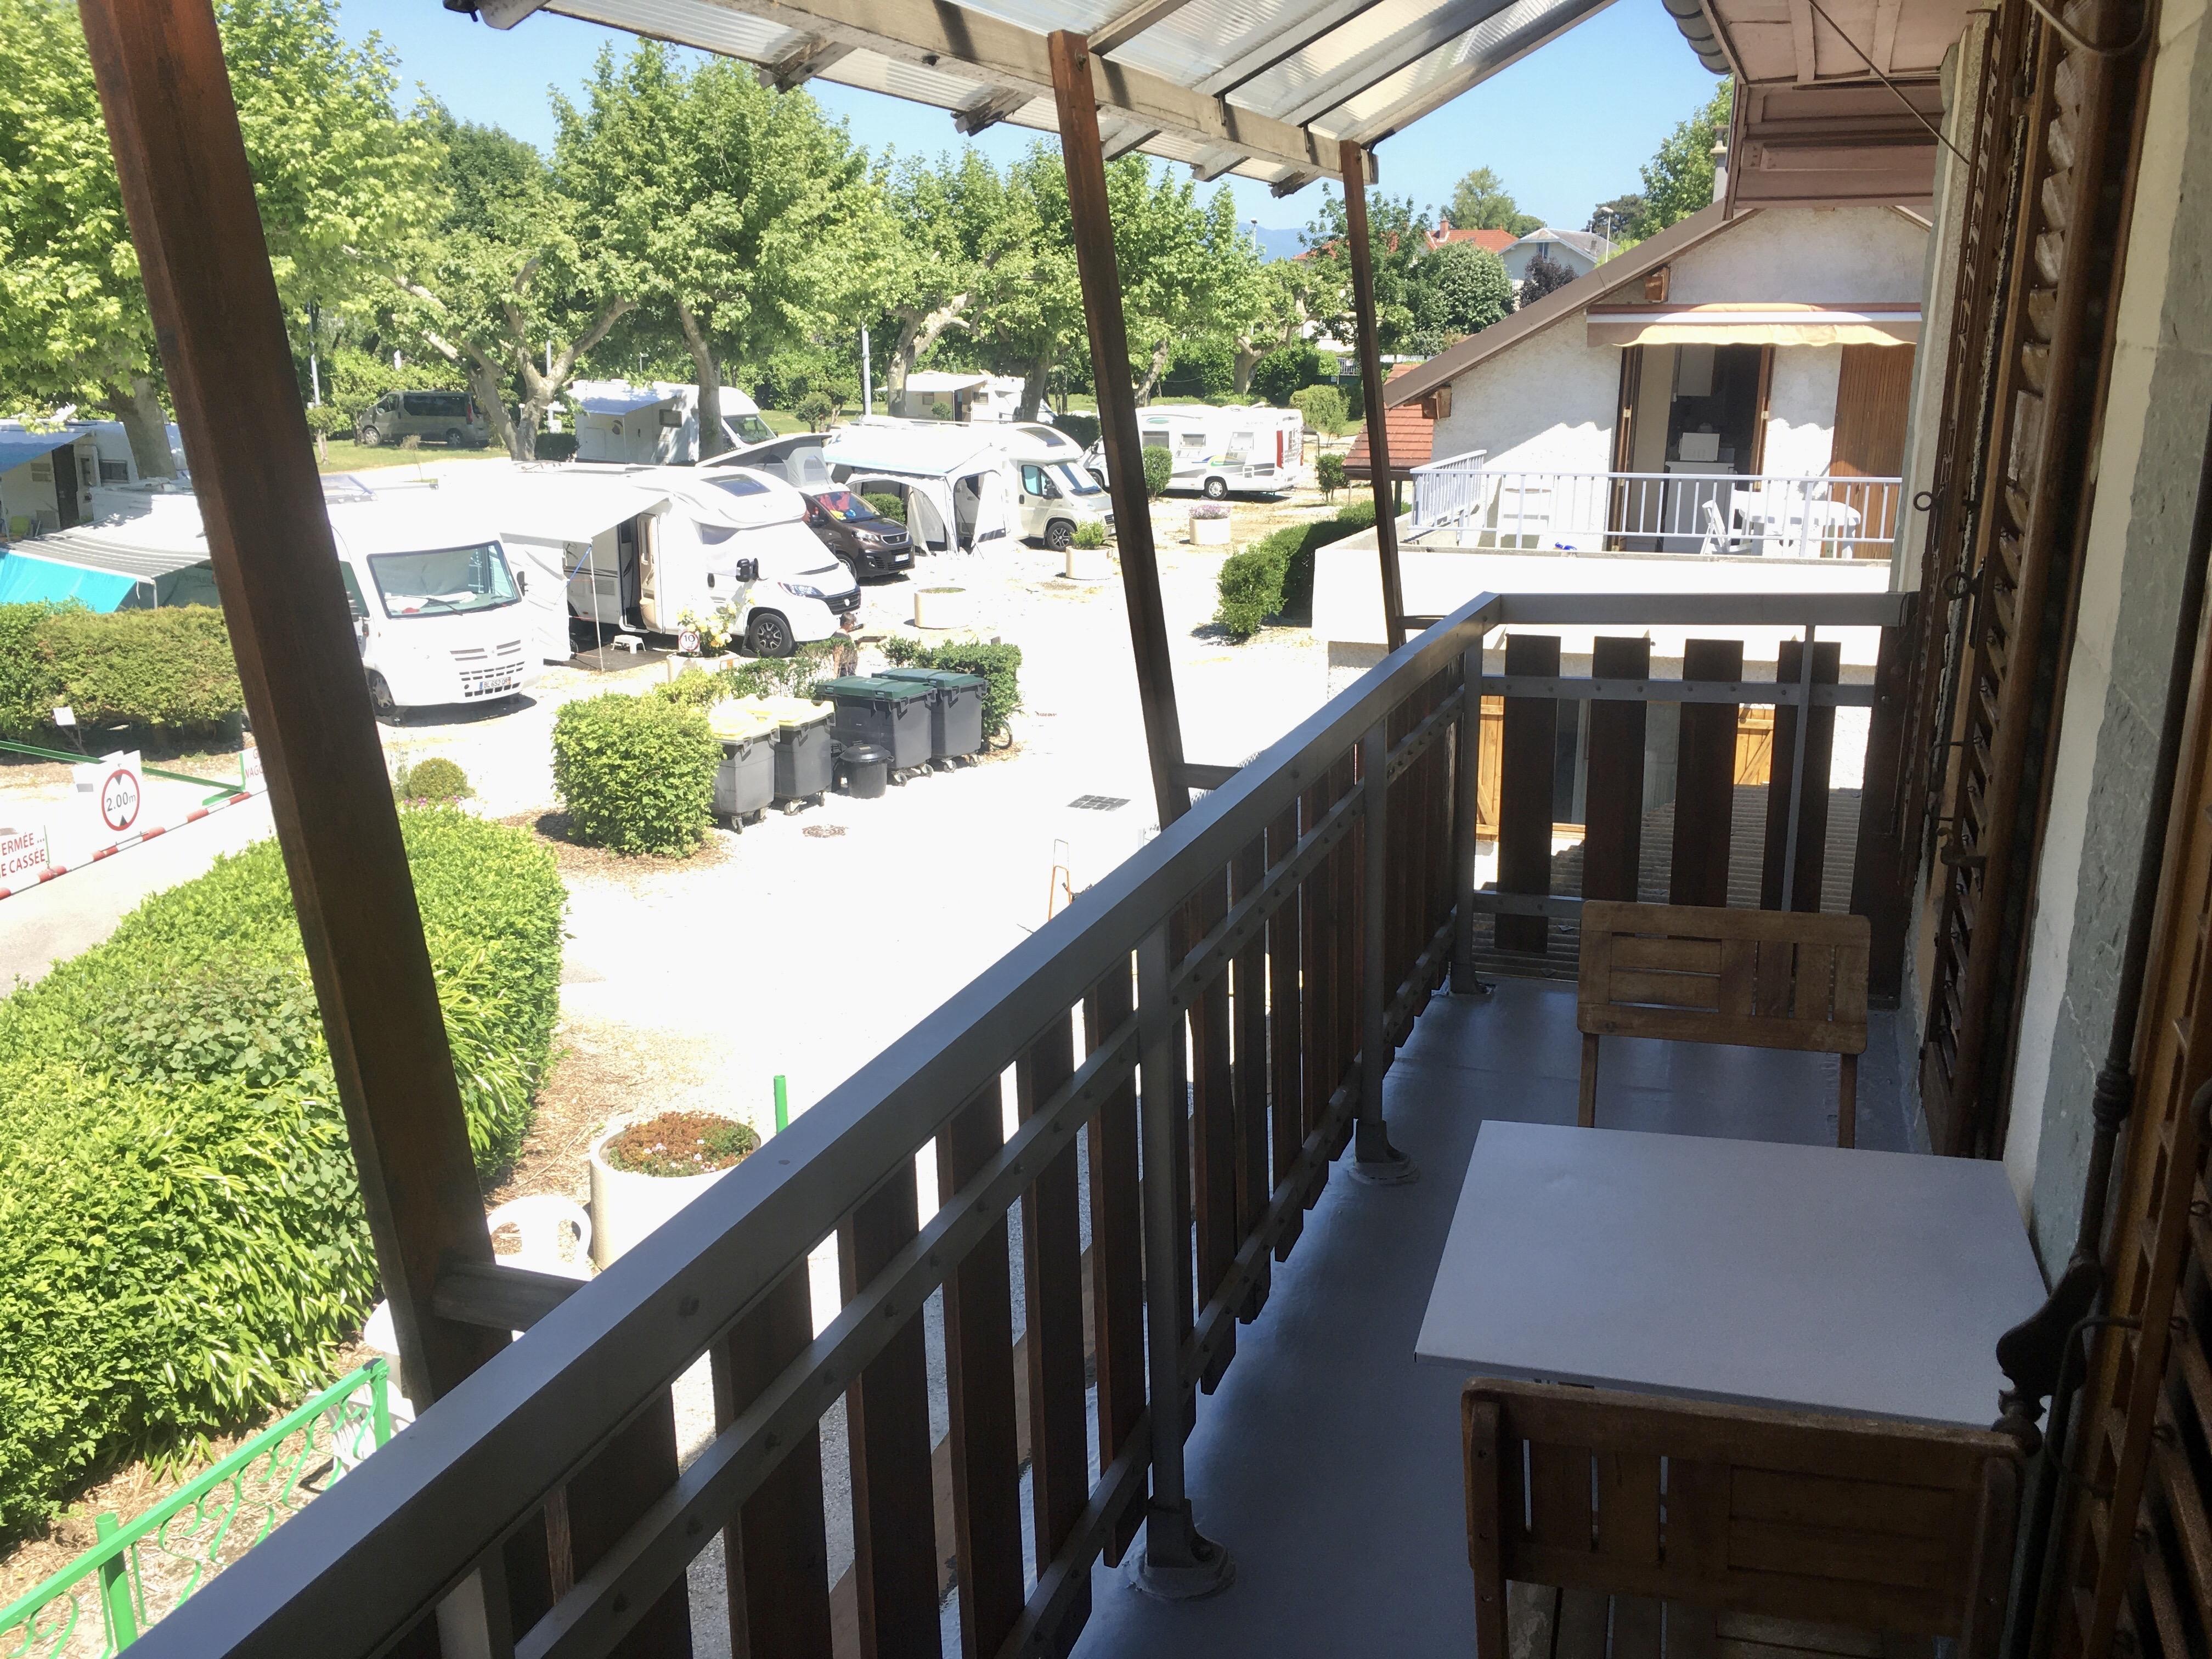 Hébergement curiste Le Chat - Balcon